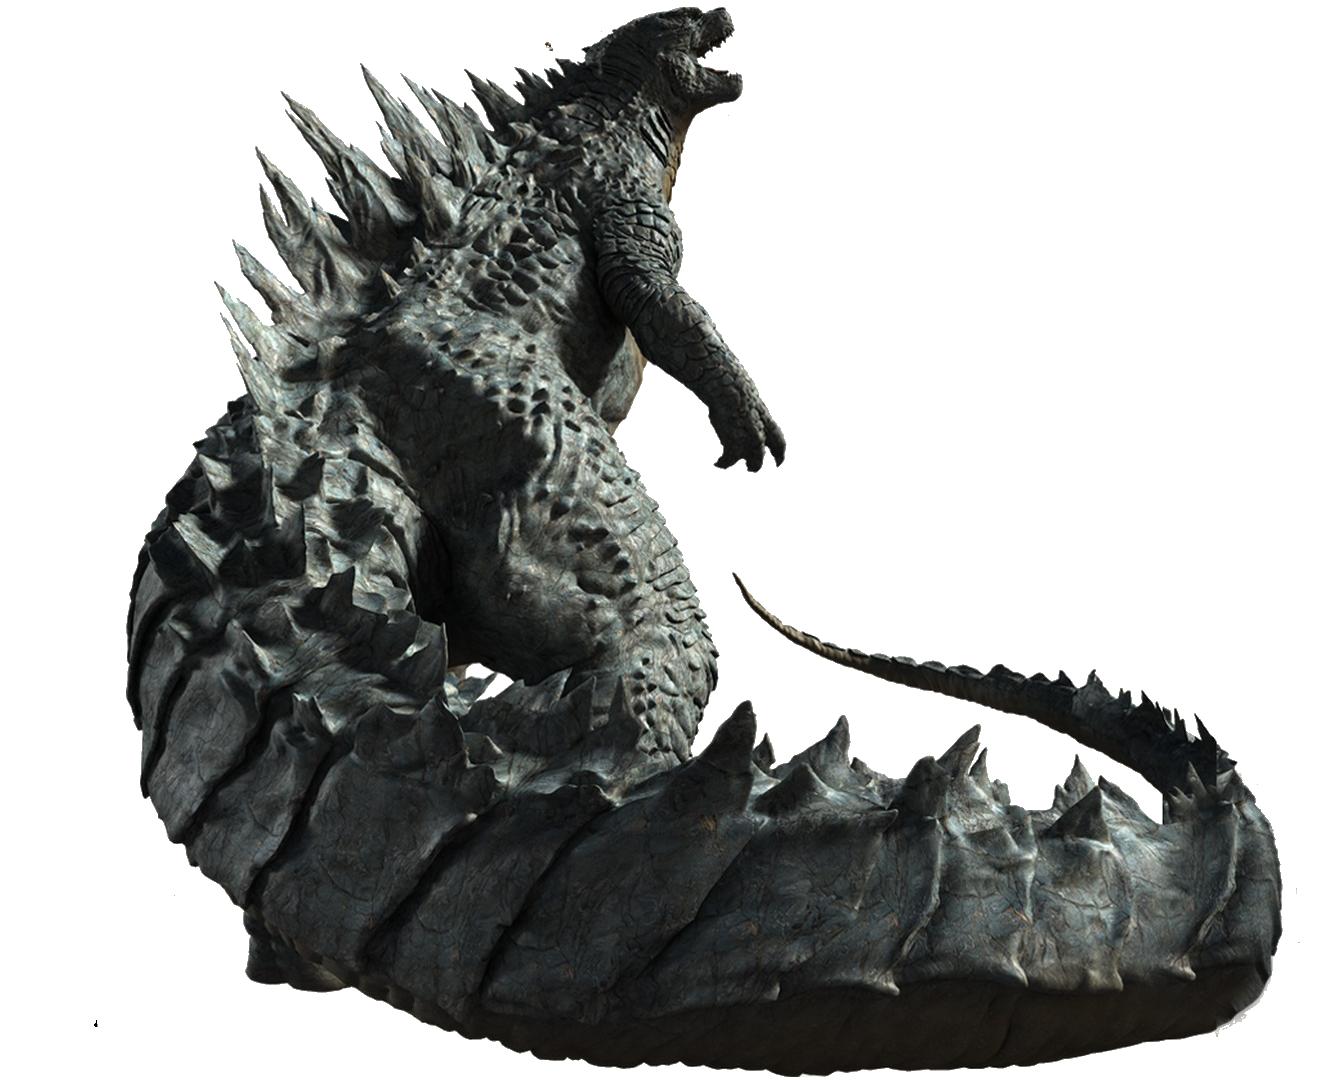 Another Full Body Godzilla Image By Awesomeness360 On Deviantart Godzilla Kaiju Monsters Movie Monsters